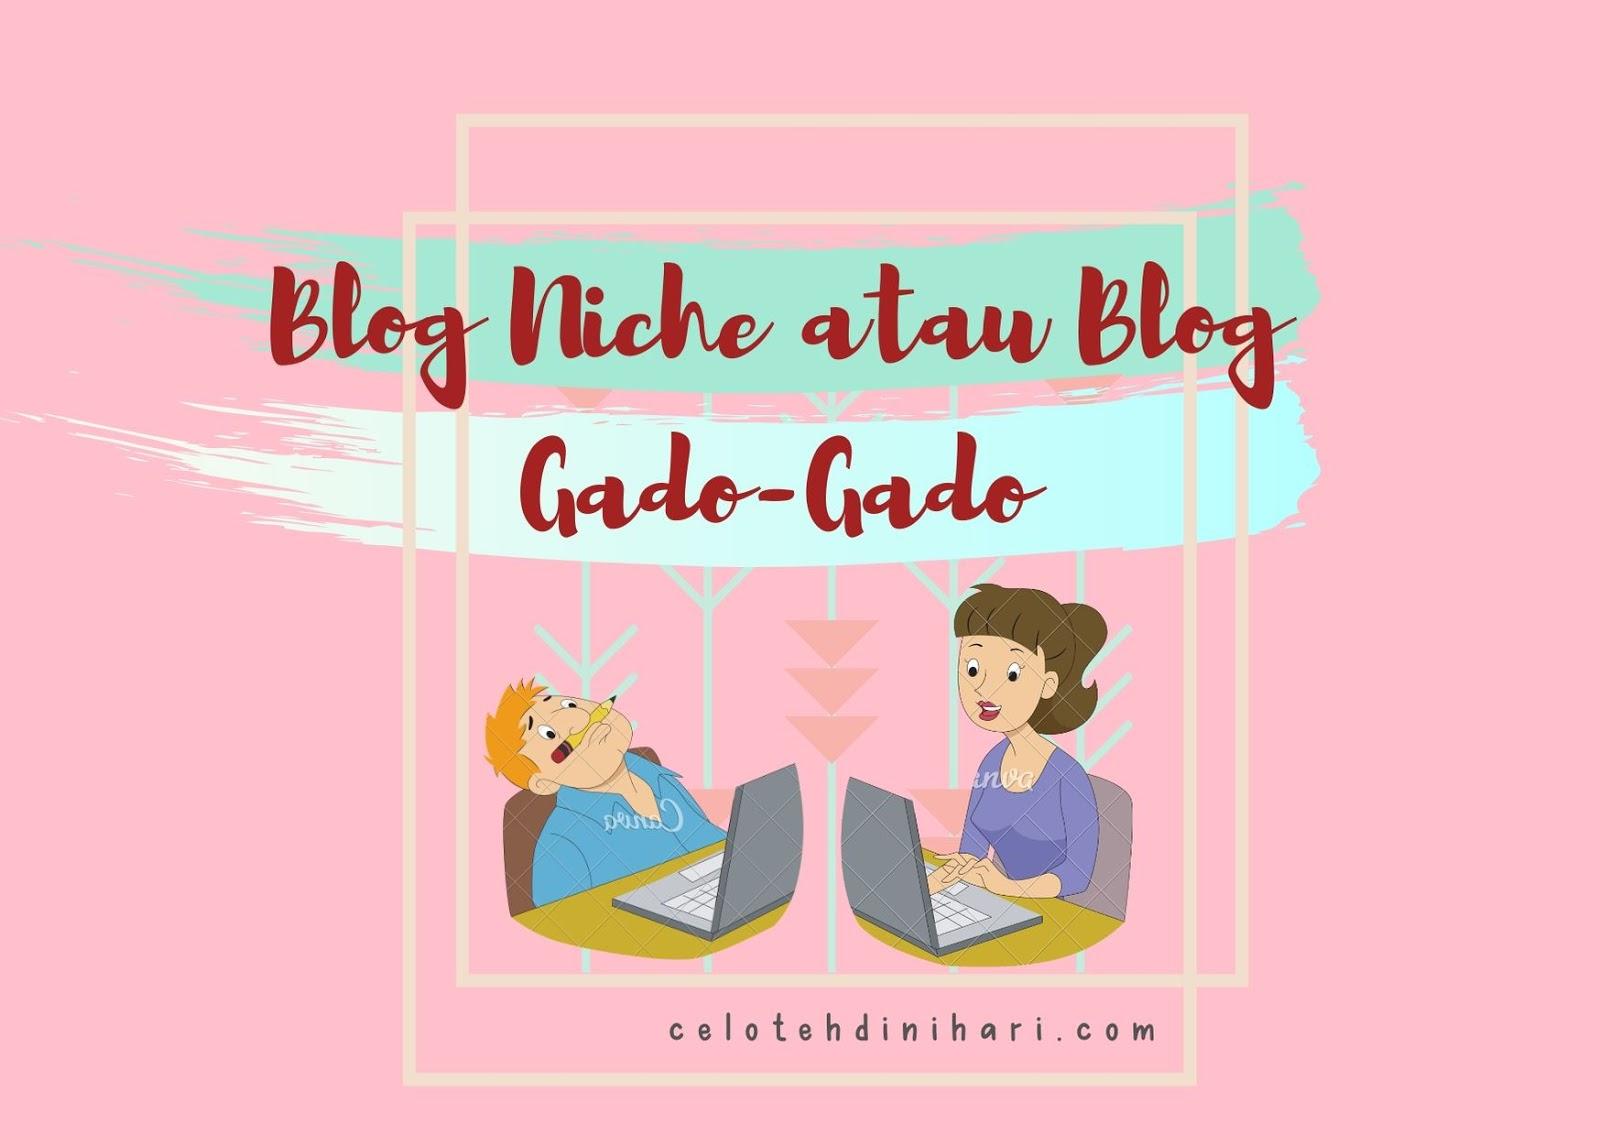 Blog Niche Atau Blog Gado-Gado